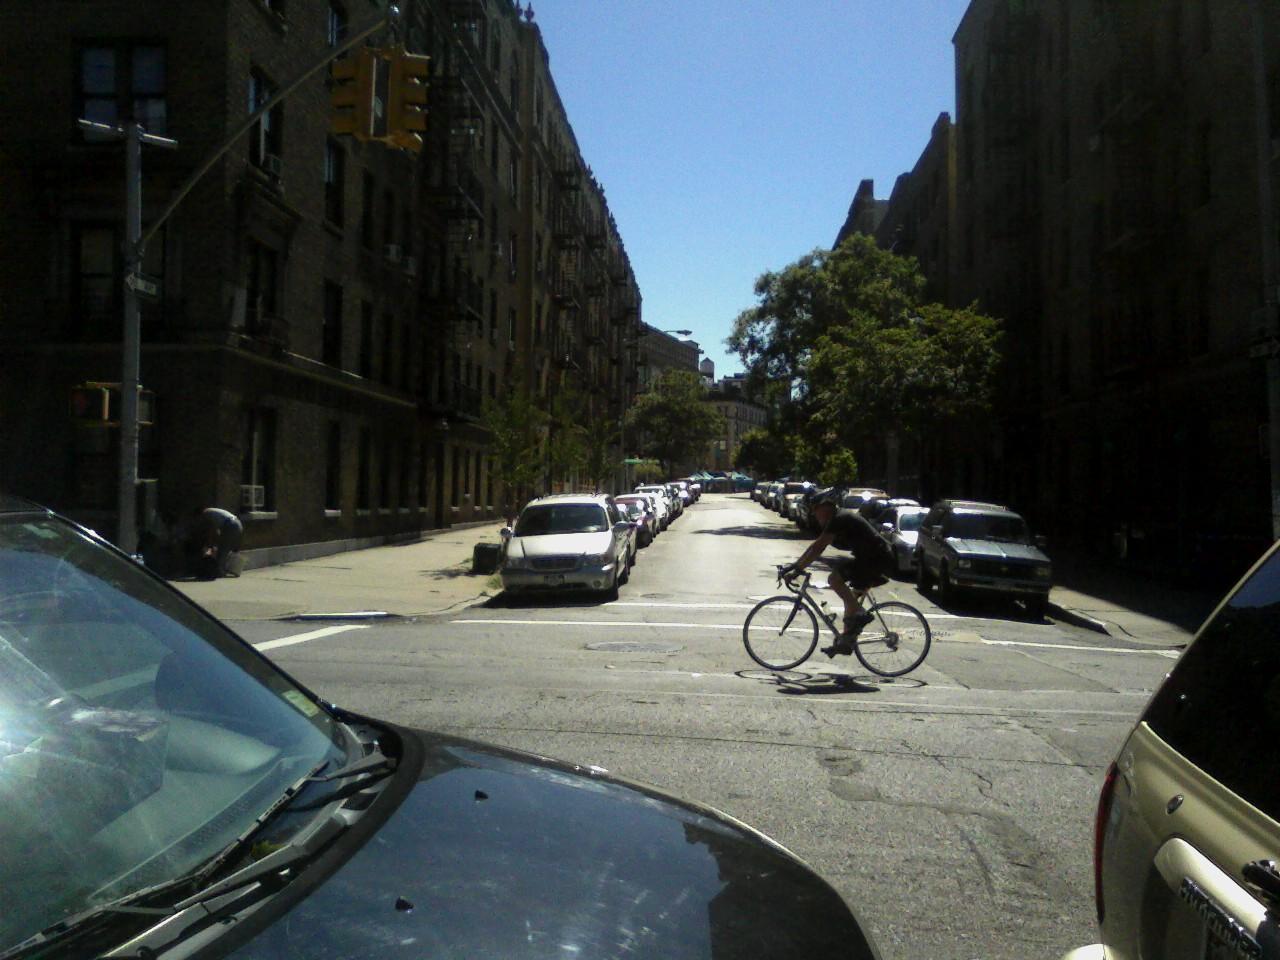 Bicycle on Ft. Washington Ave